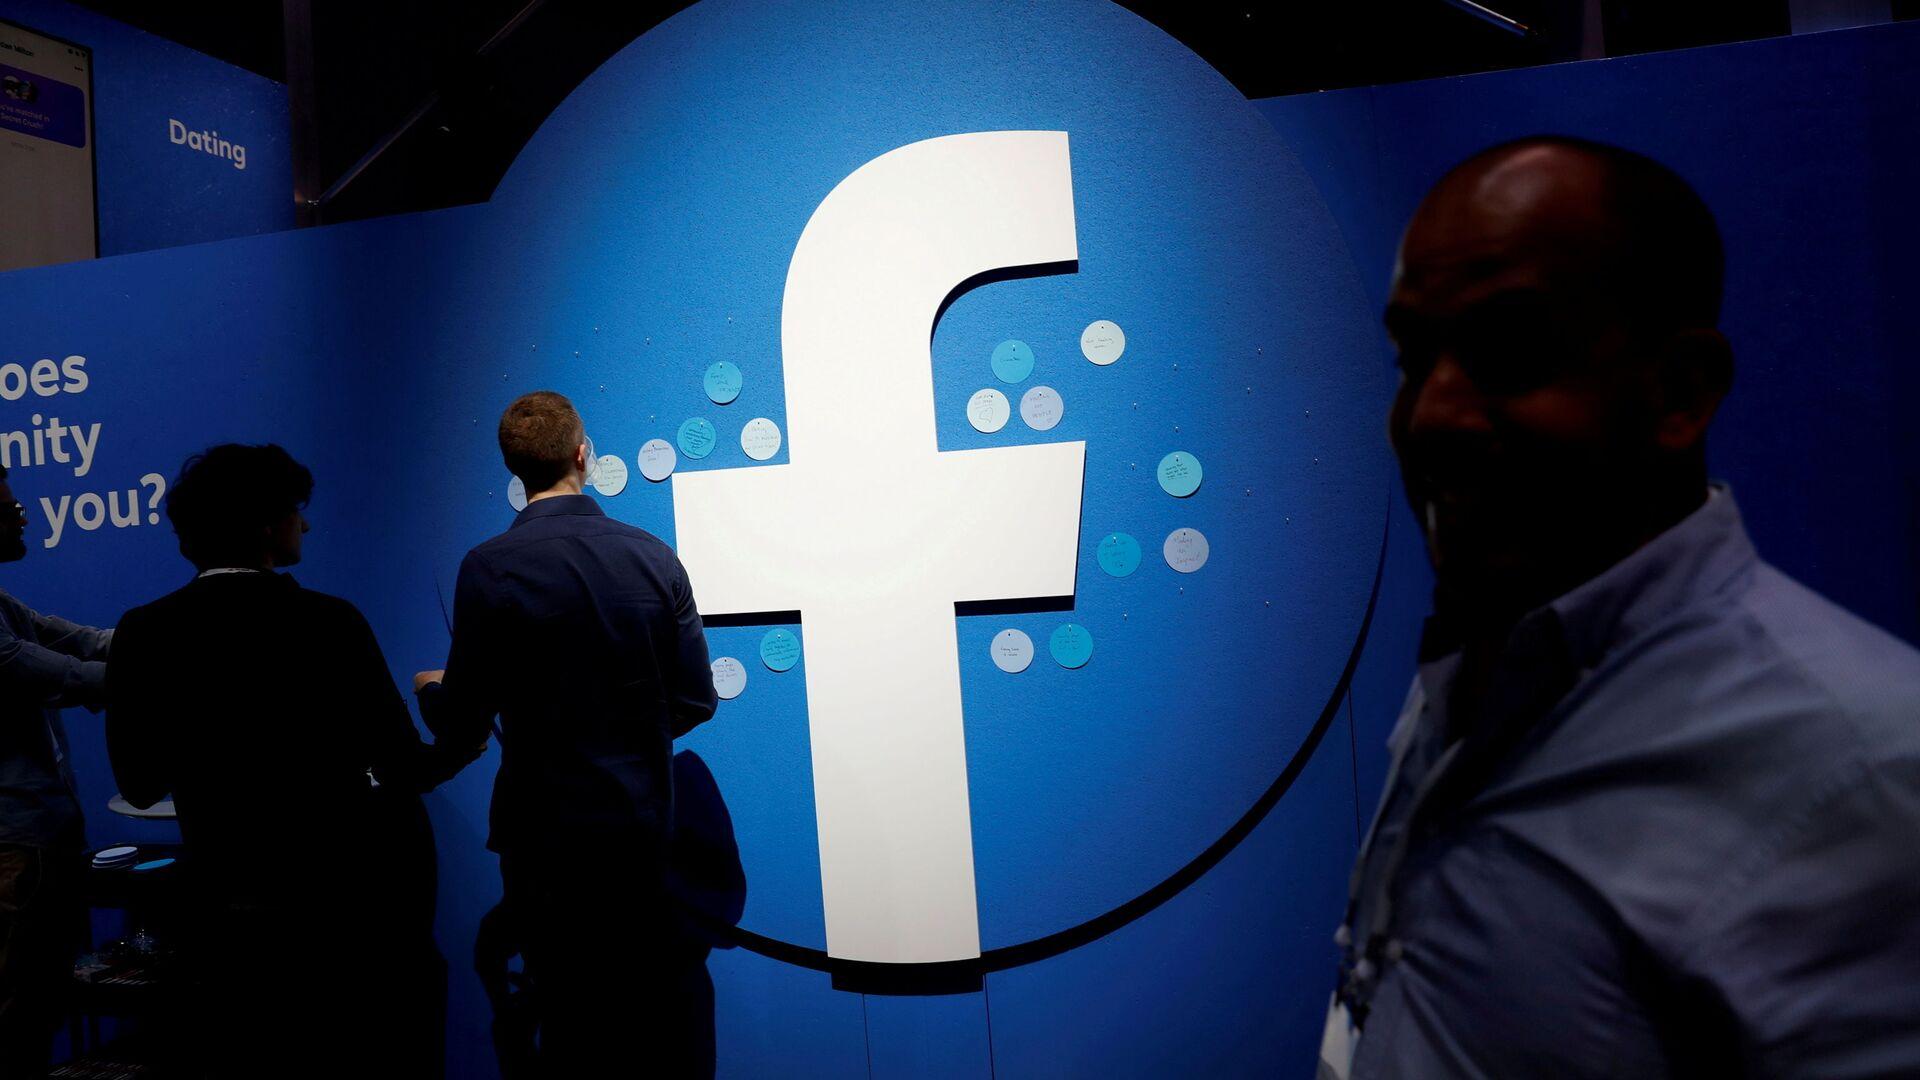 Attendees walk past a Facebook logo during Facebook Inc's F8 developers conference in San Jose - Sputnik International, 1920, 30.07.2021